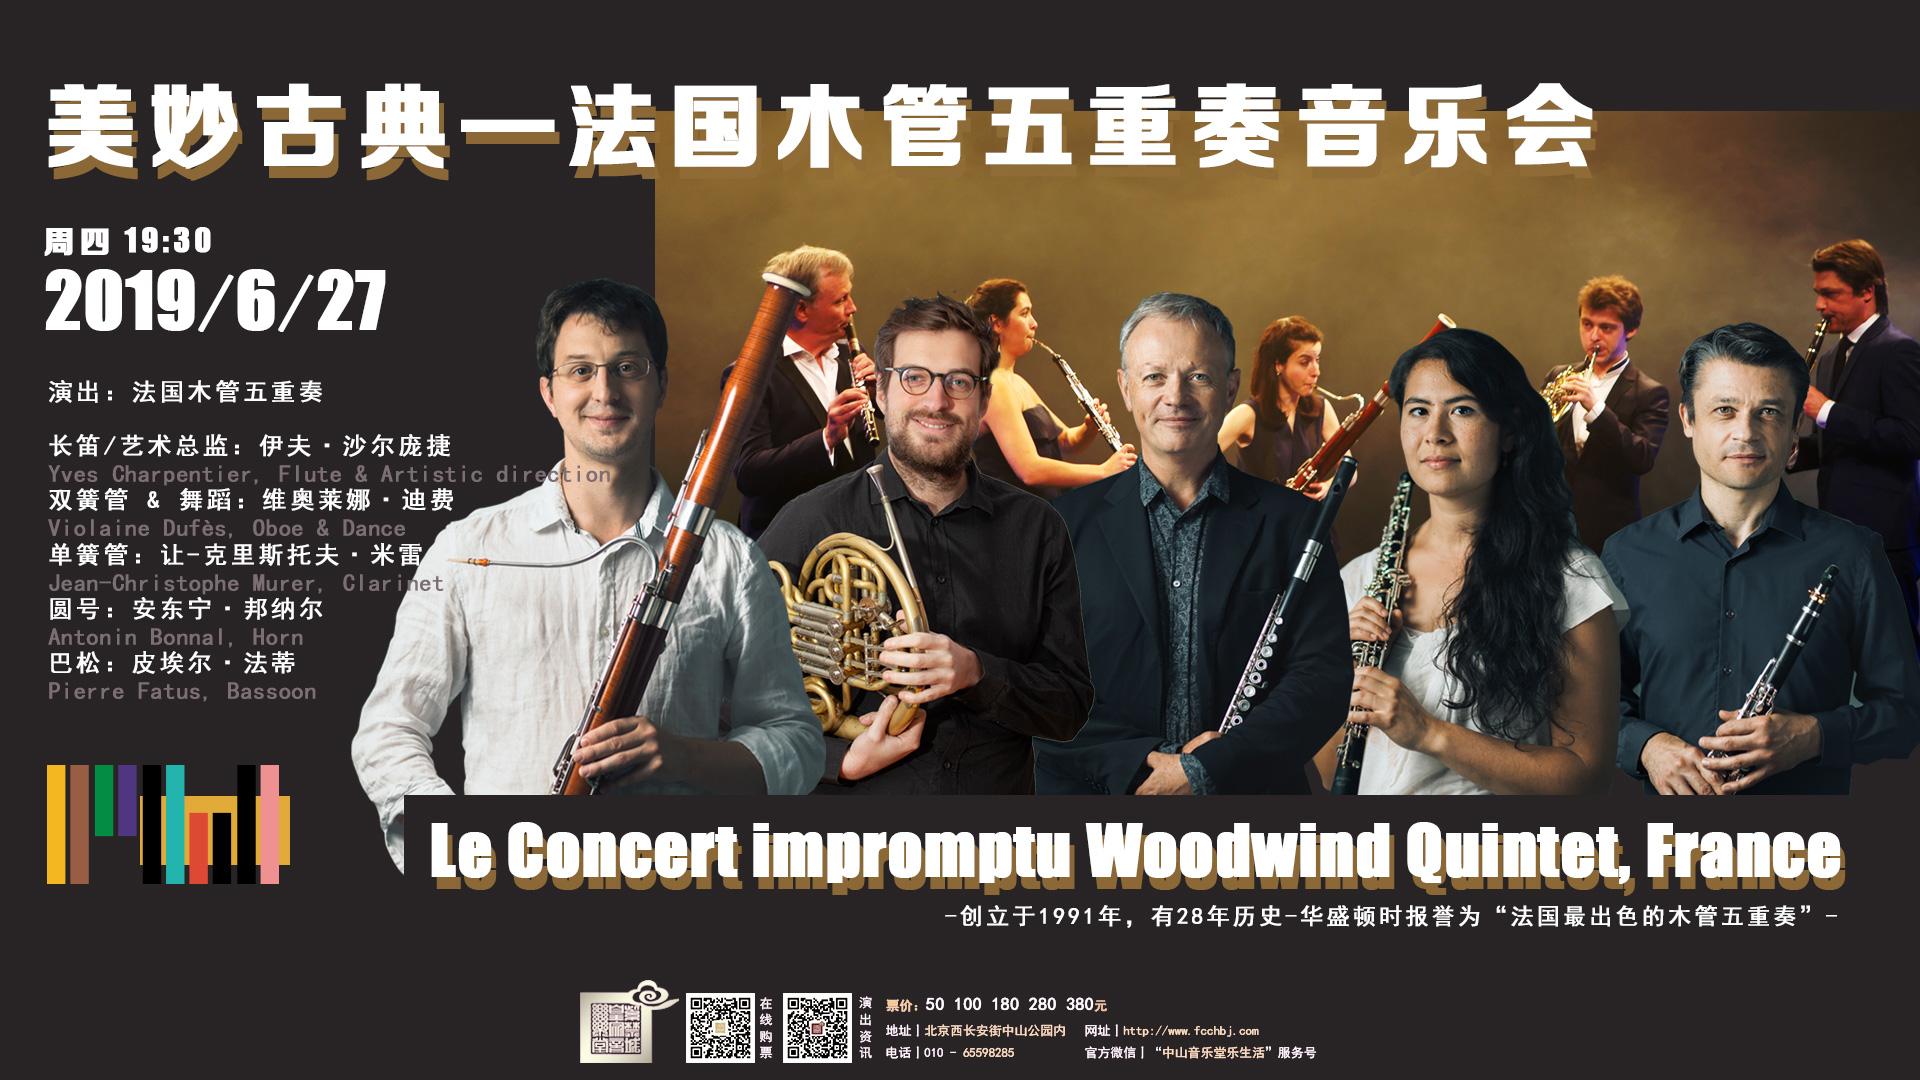 19.6.27法国木管五重奏.jpg